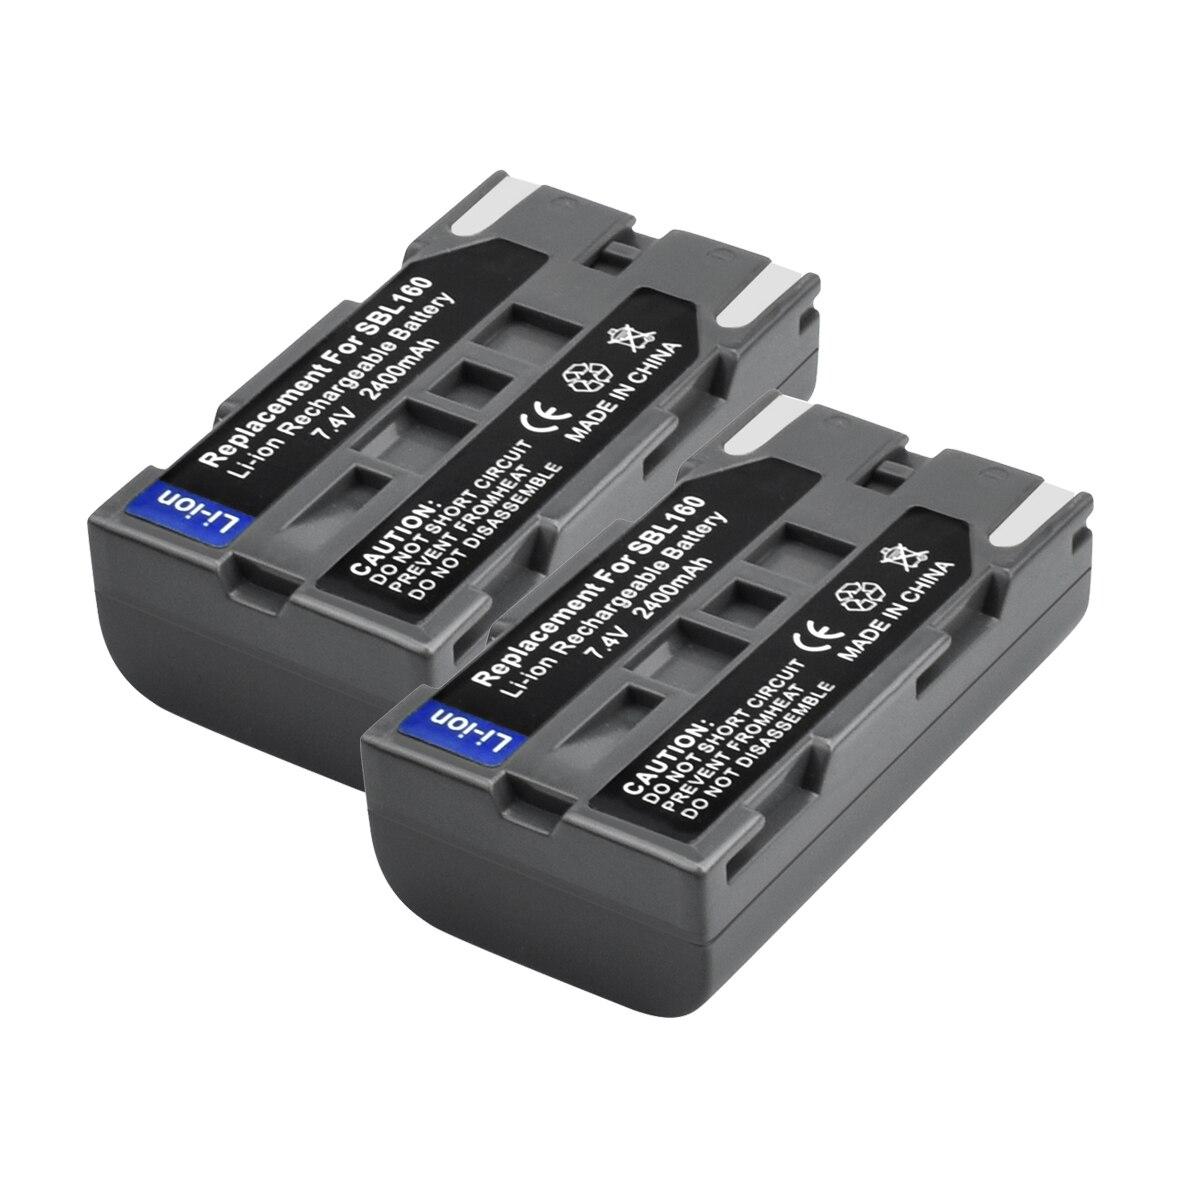 2Packs 7.4V 2400mAh SB L160 Battery for Samsung SCL810